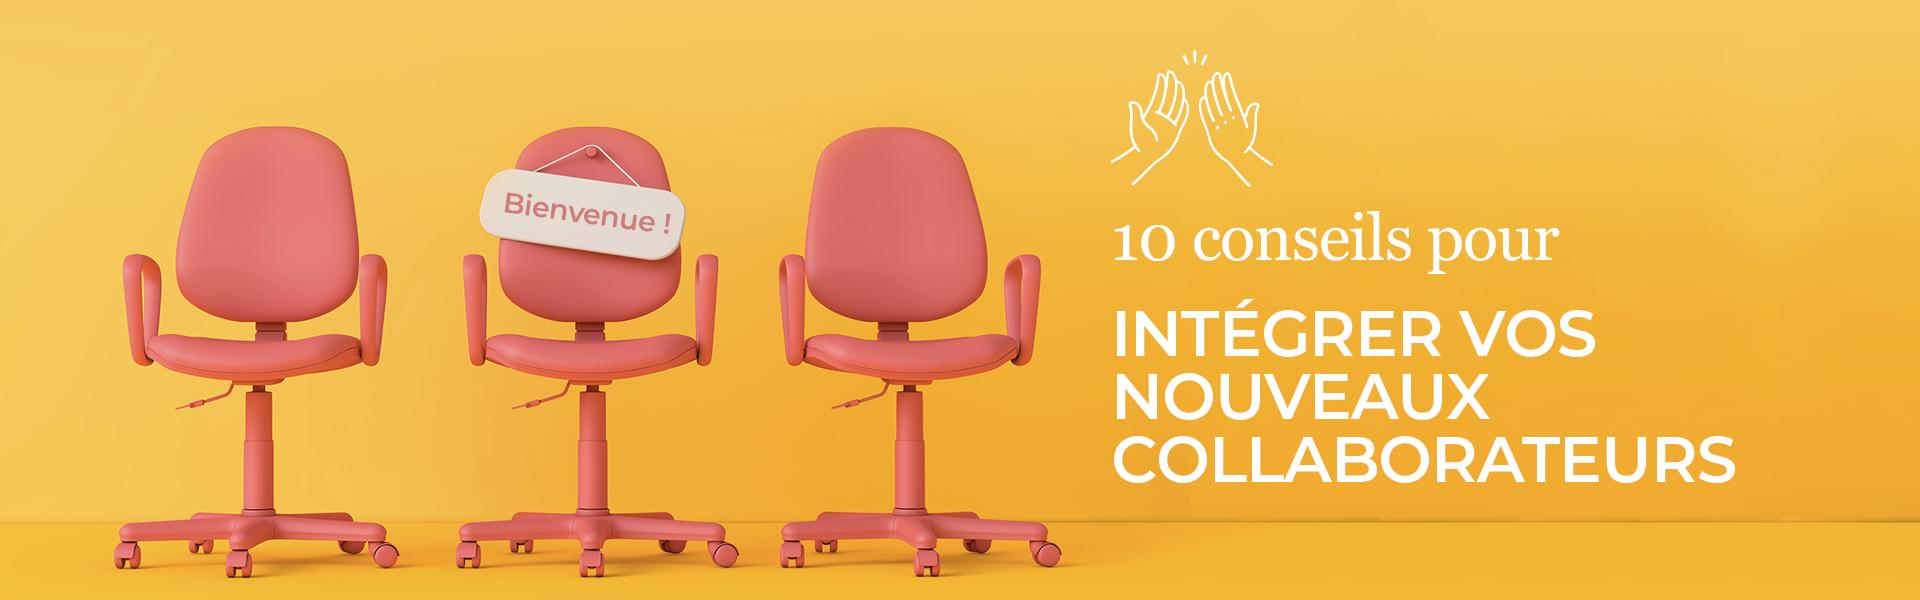 10 conseils pour intégrer vos nouveaux collaborateurs